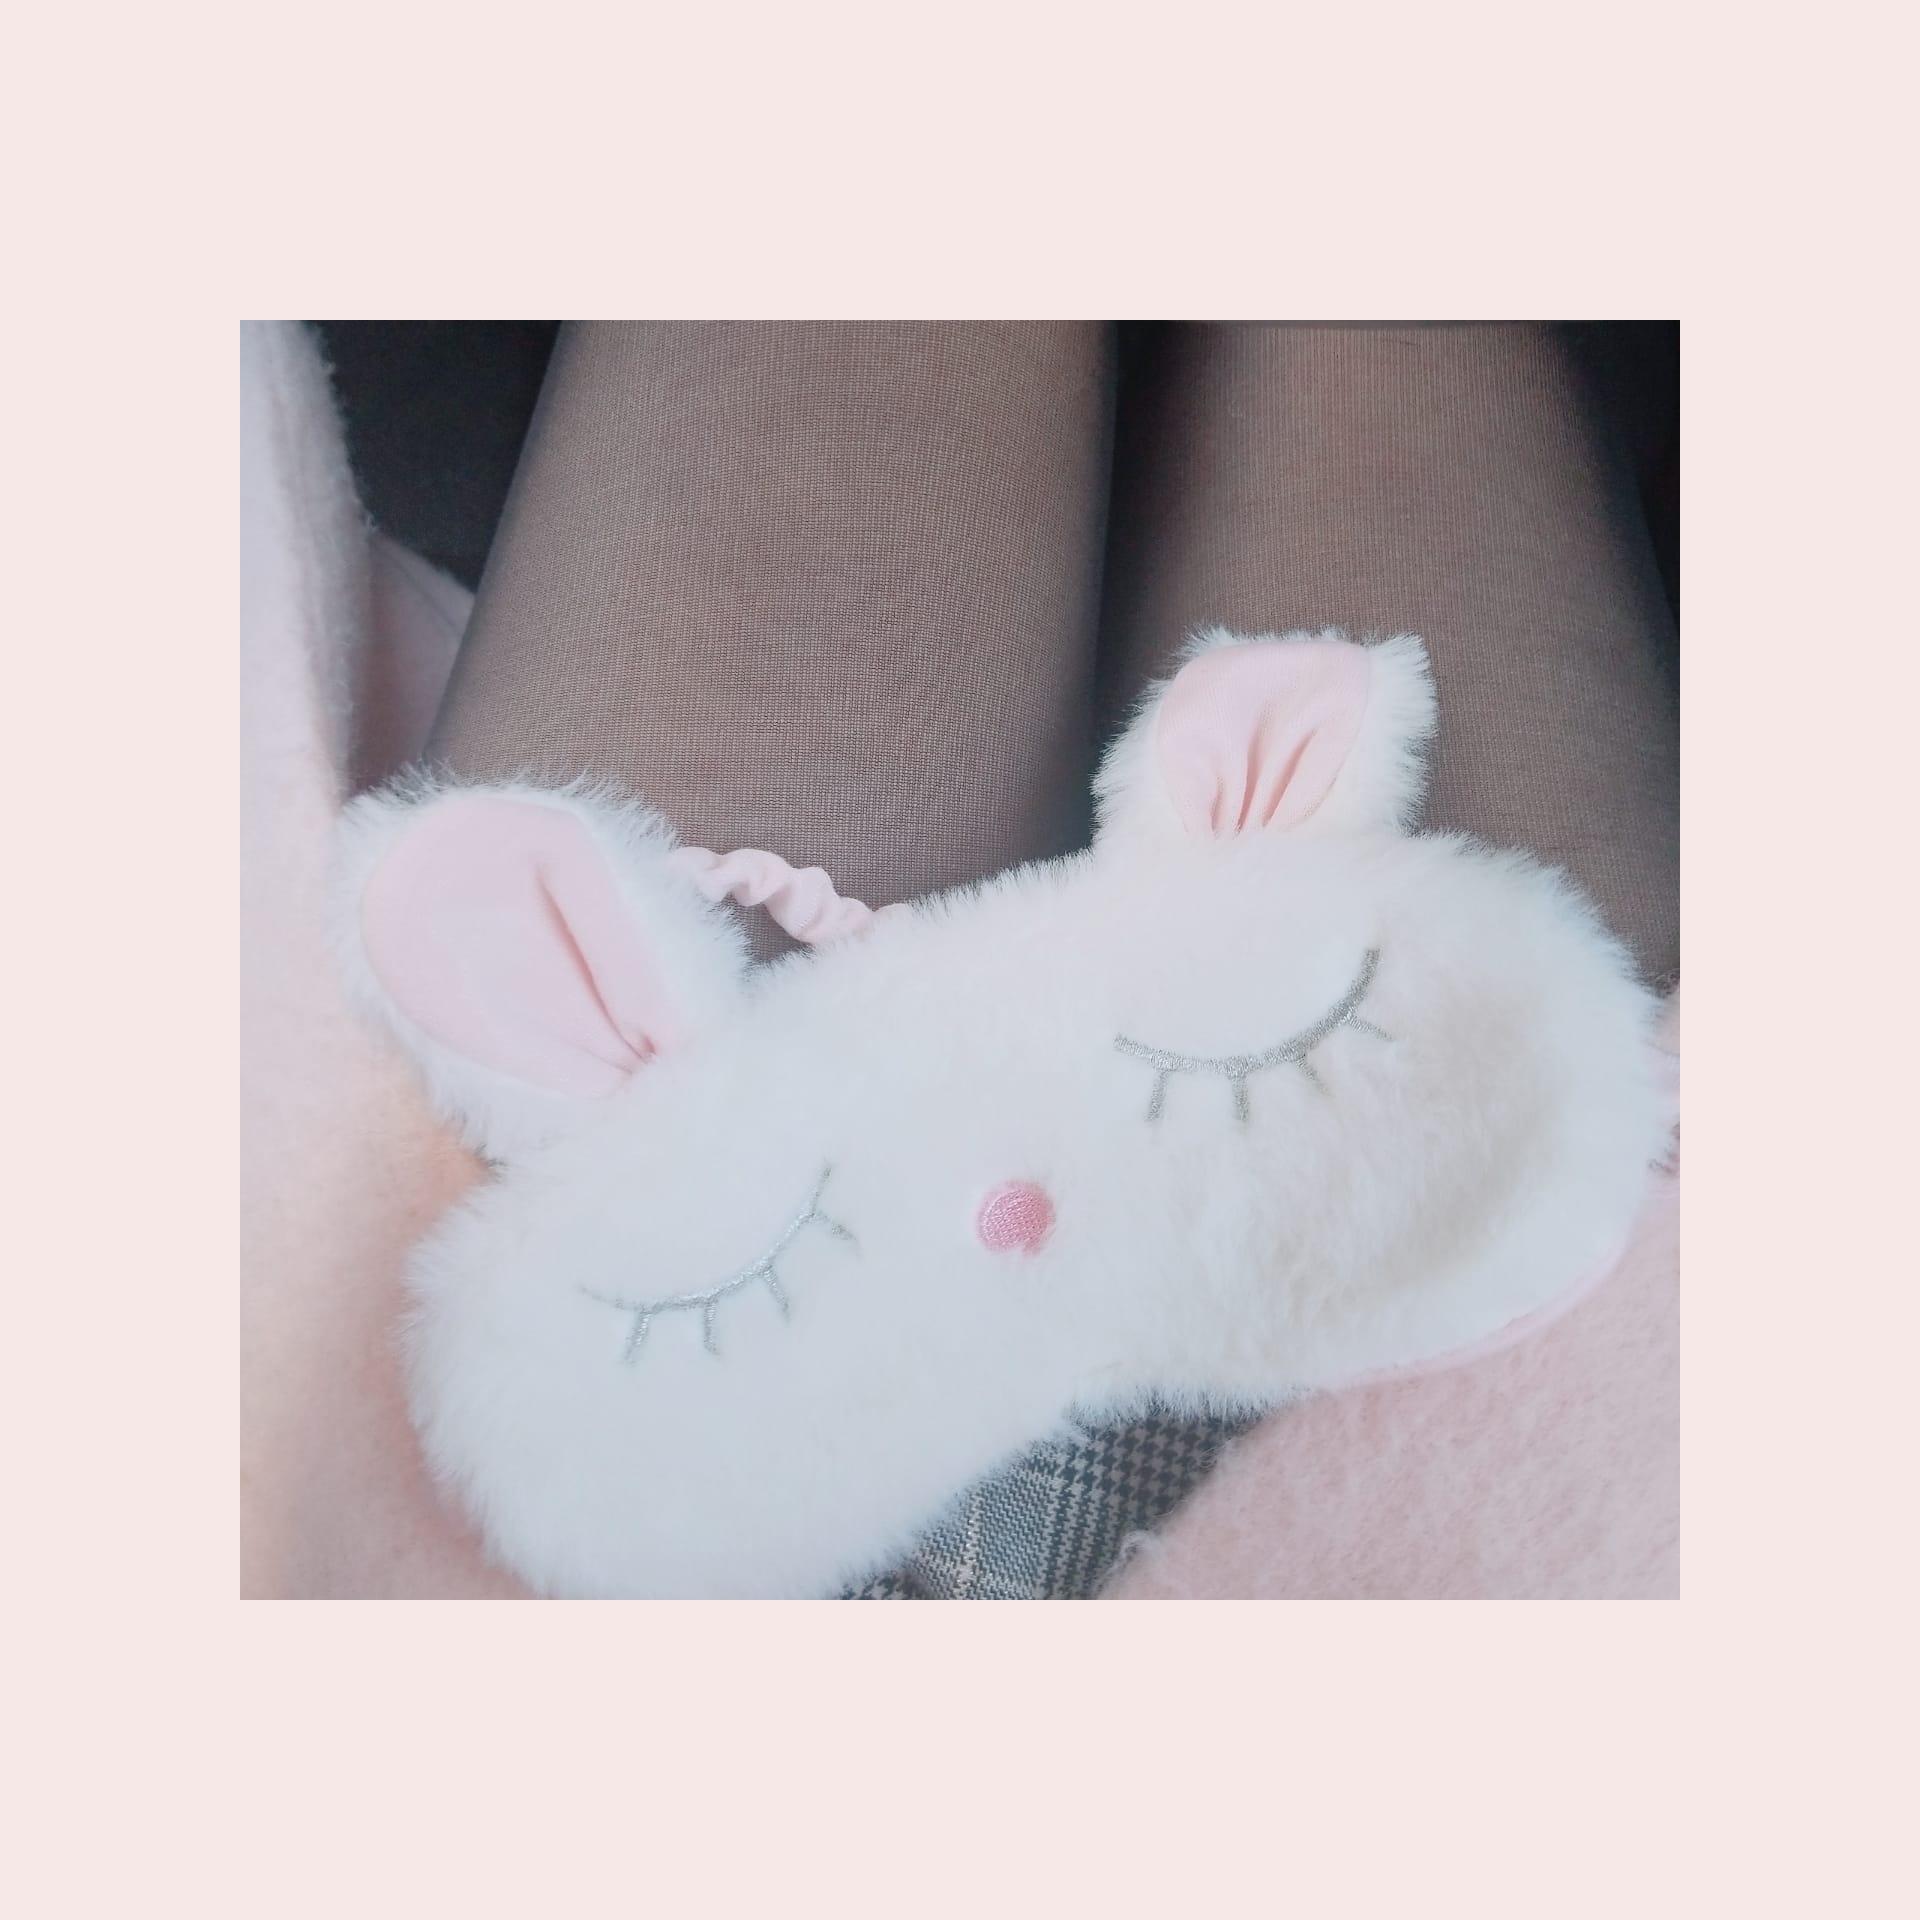 「お礼遅くなりました(^o^)」02/05(02/05) 21:52 | みなの写メ・風俗動画